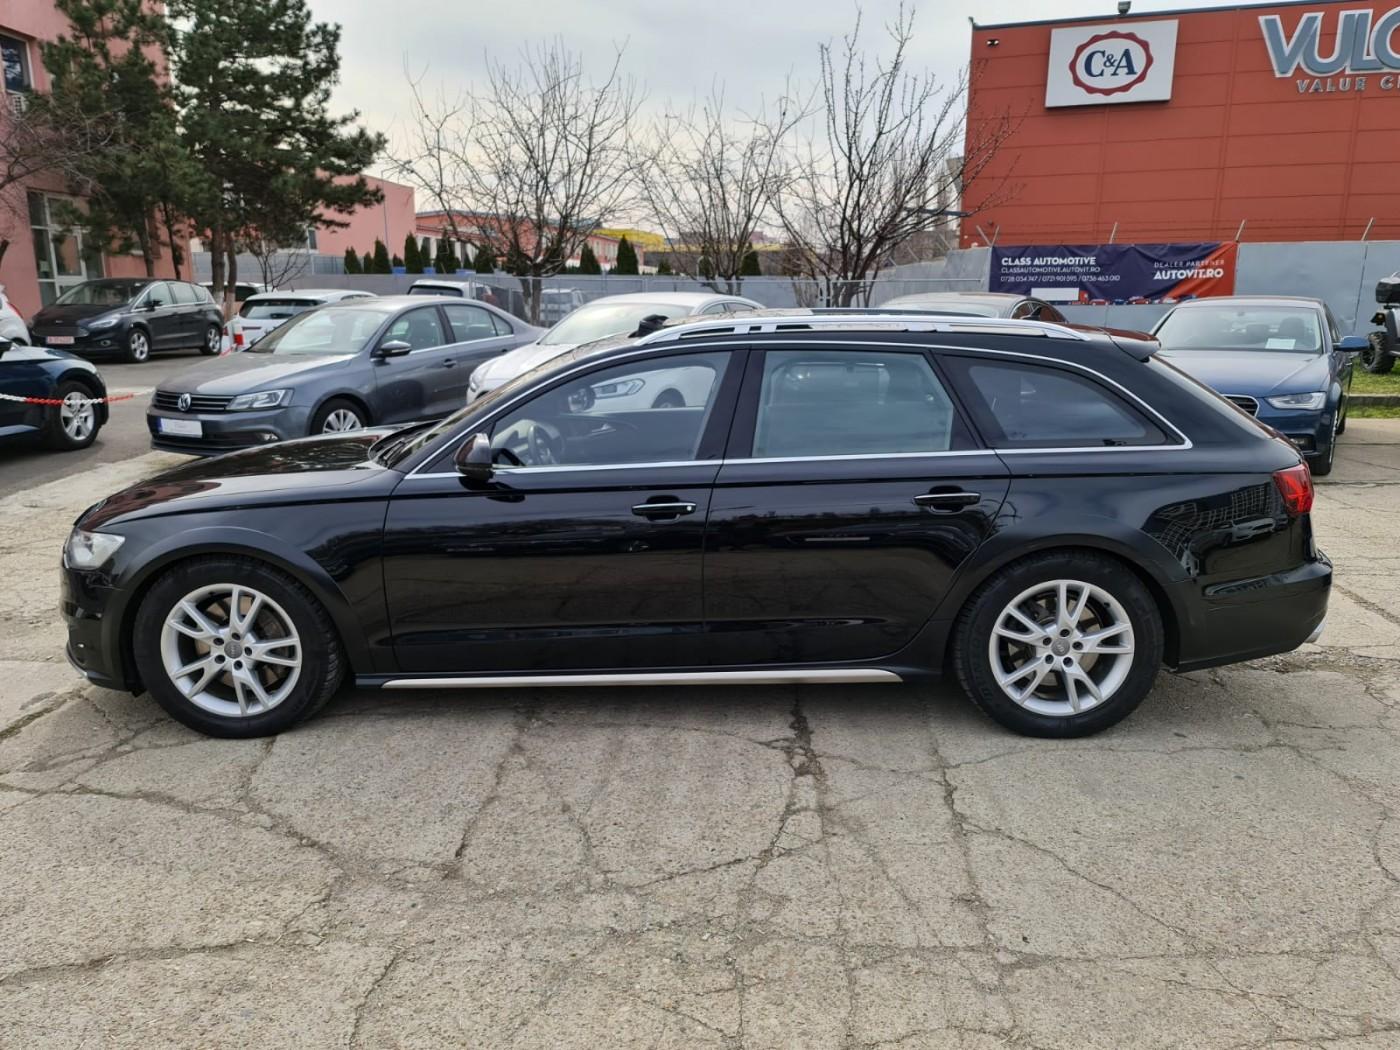 Audi A6 Allroad  320 CP   - 36500 €,   87000 km,  anul 2016,  culoare negru